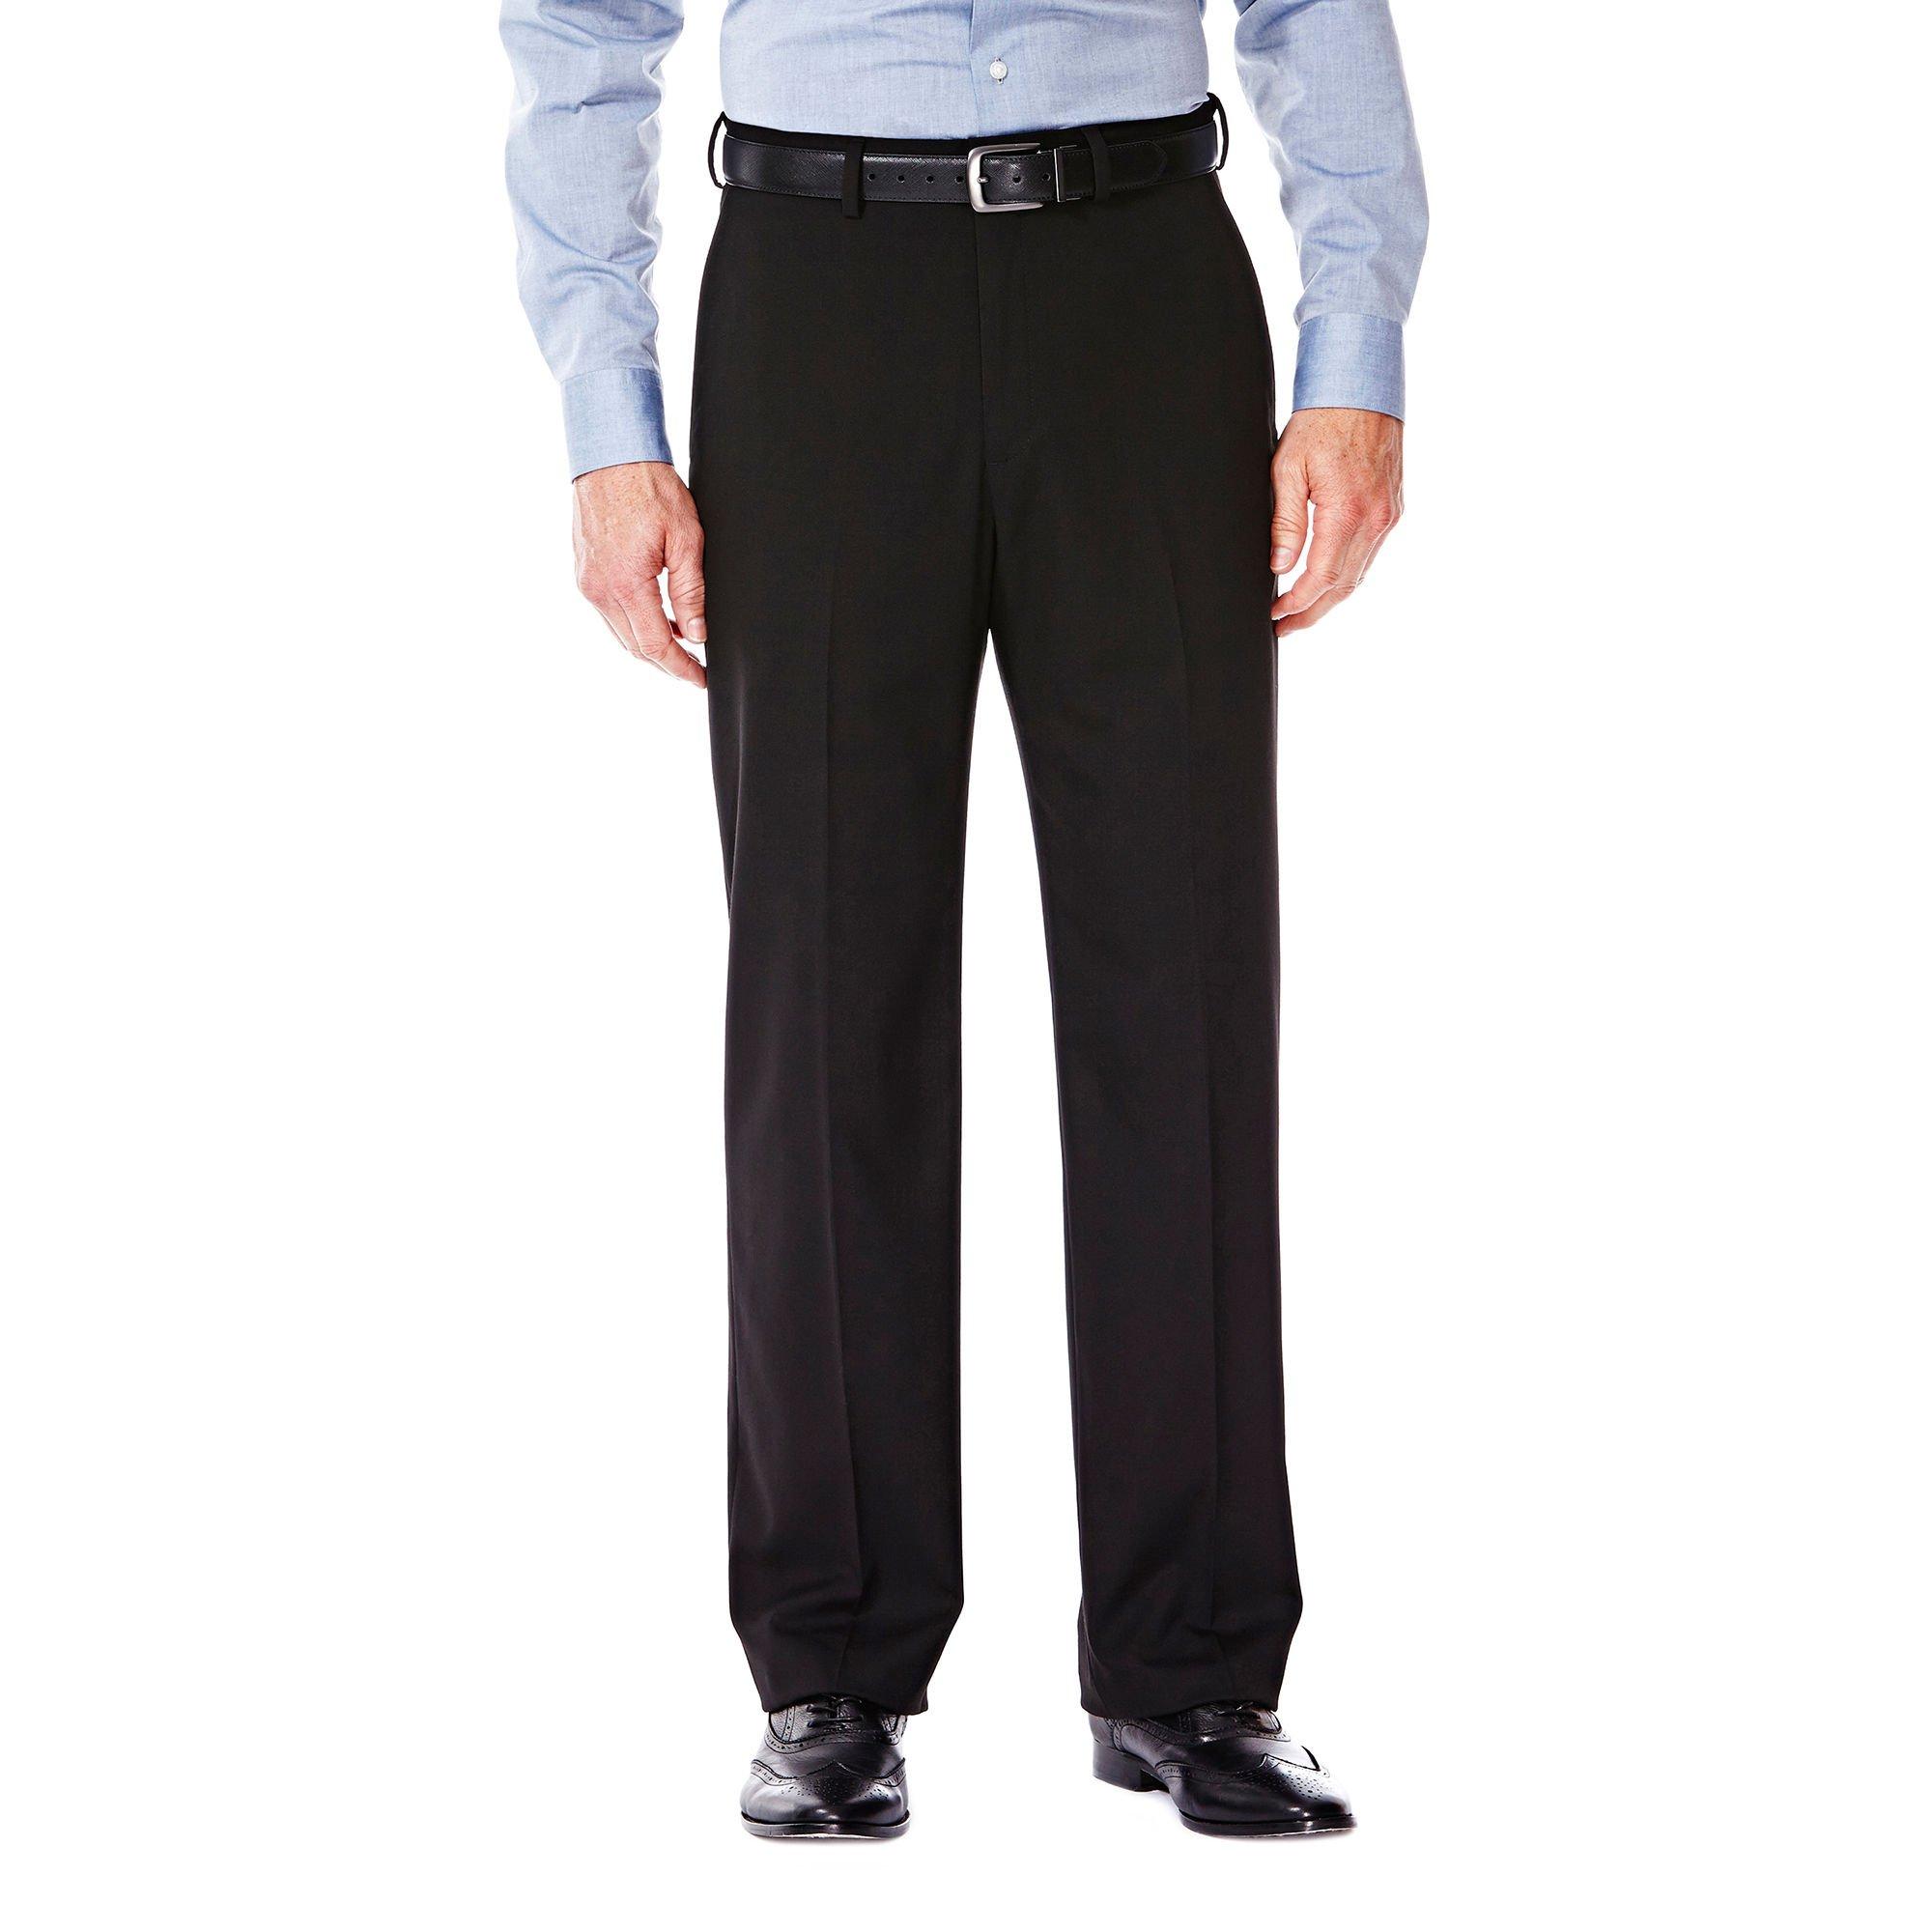 Haggar HY00182 Men's J.M. Premium Stretch Suit Jacket, Black - 38-34 by Haggar